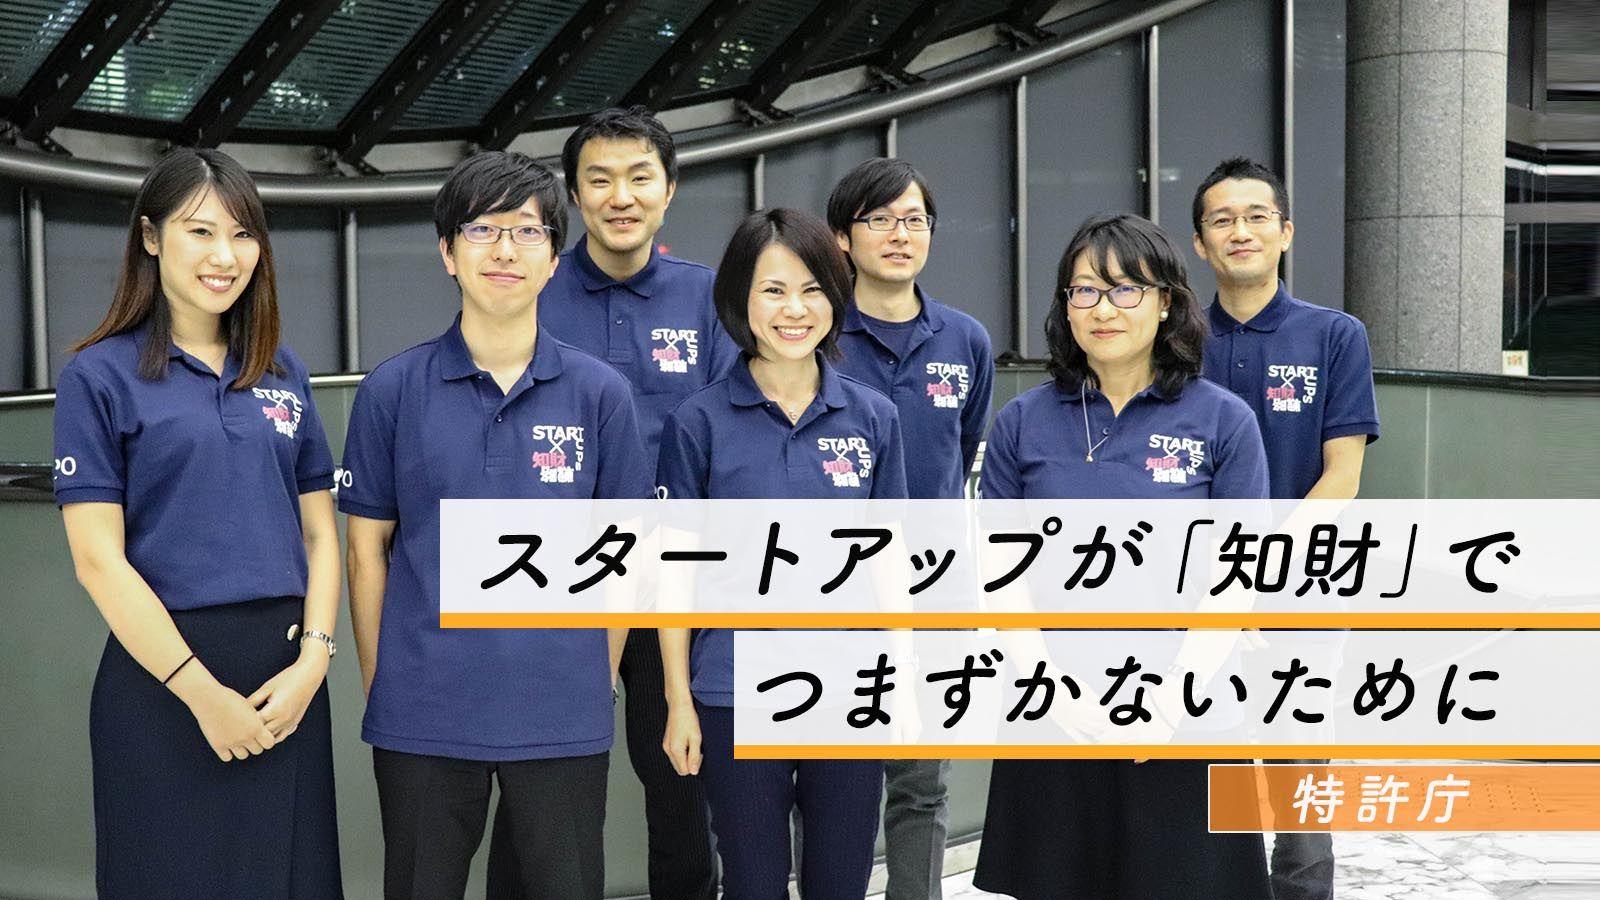 特許庁がスタートアップを支援。知財戦略で日本の産業をリードする存在に